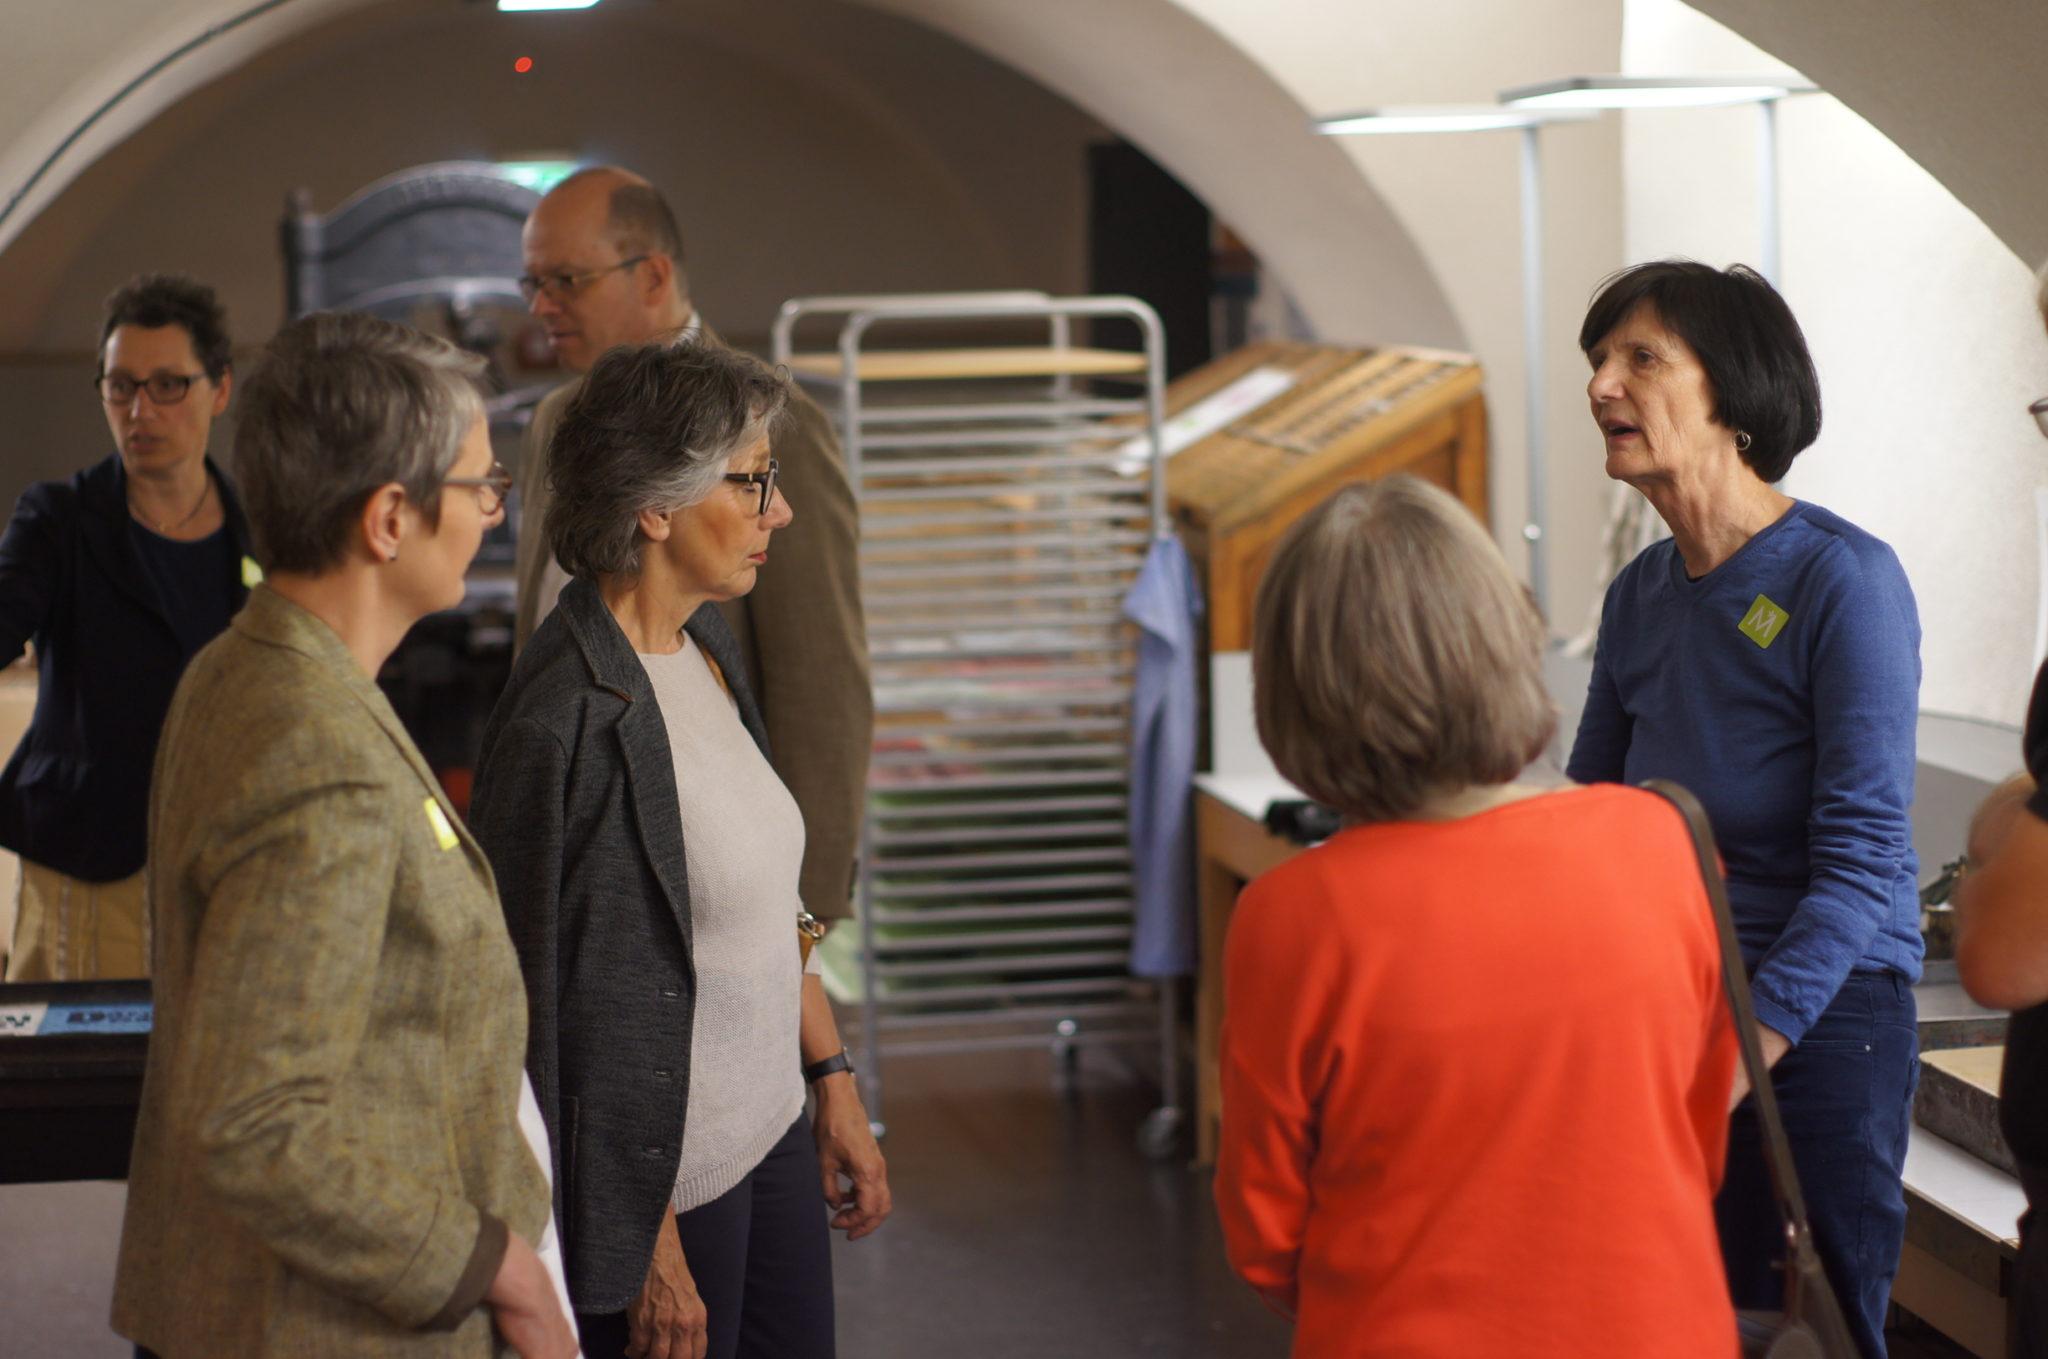 menschen im museum bei einer Führung